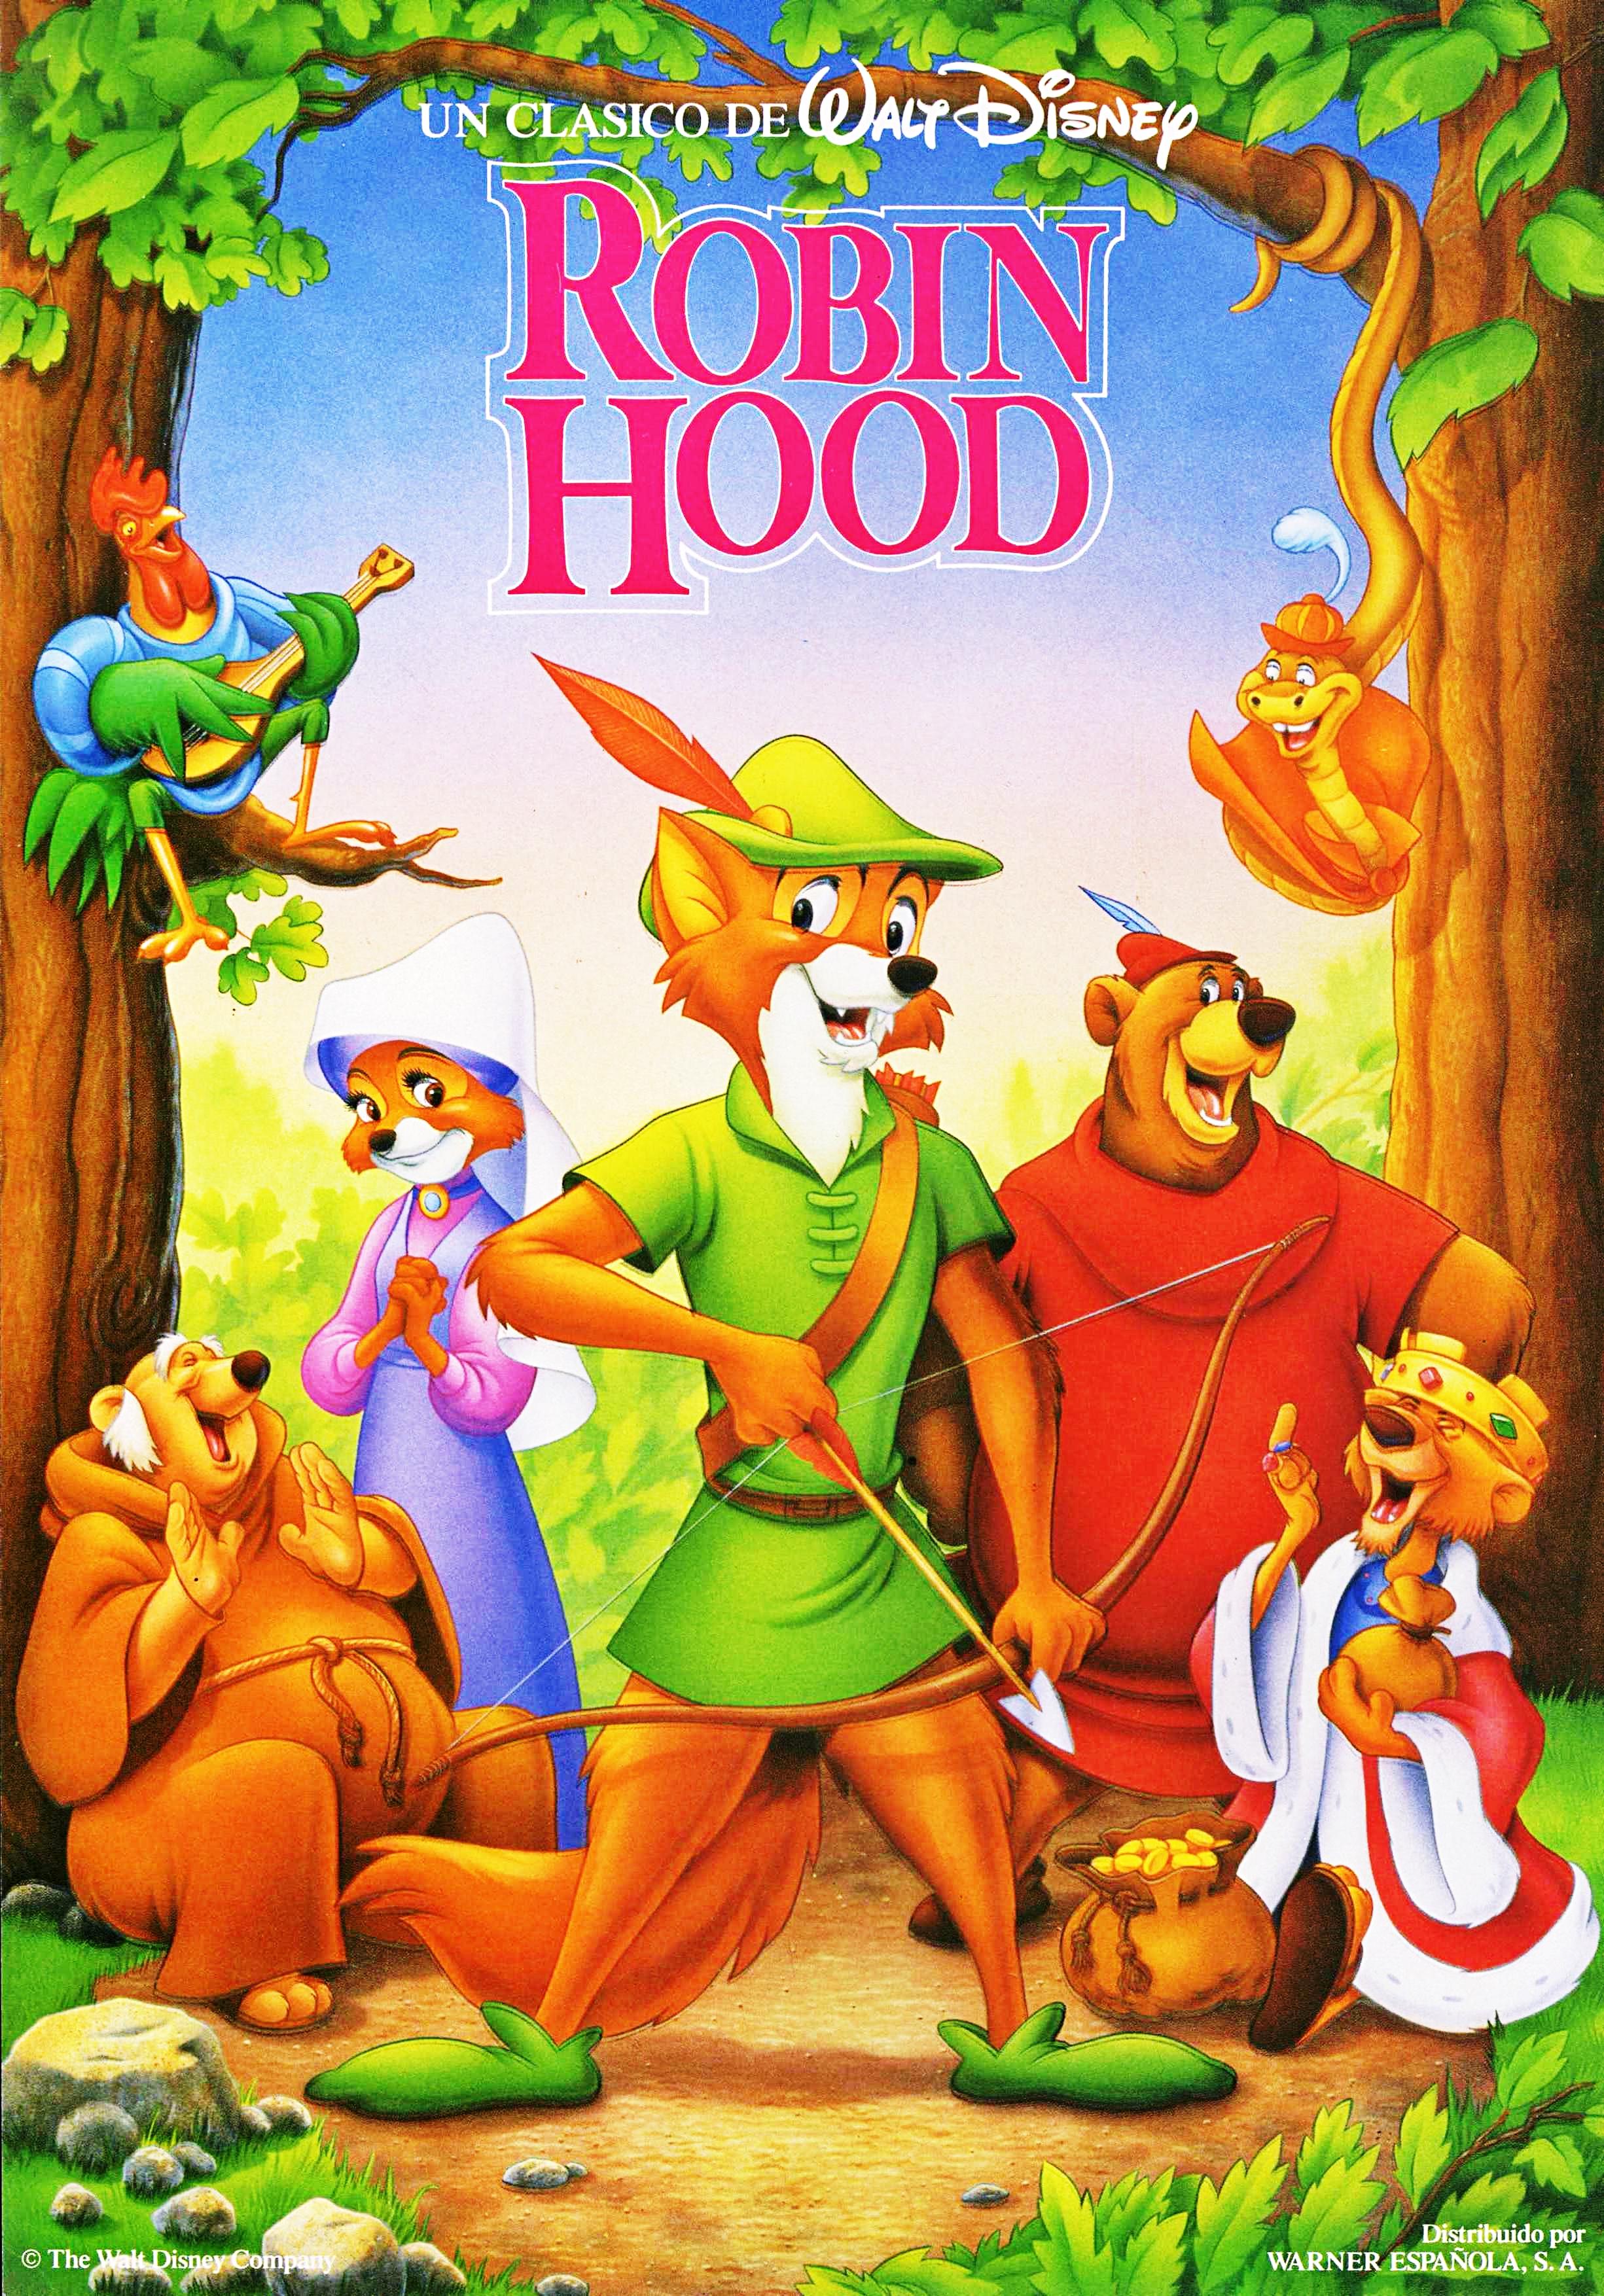 Personaggi Disney Immagini Walt Disney Posters Robin Cappuccio Hd